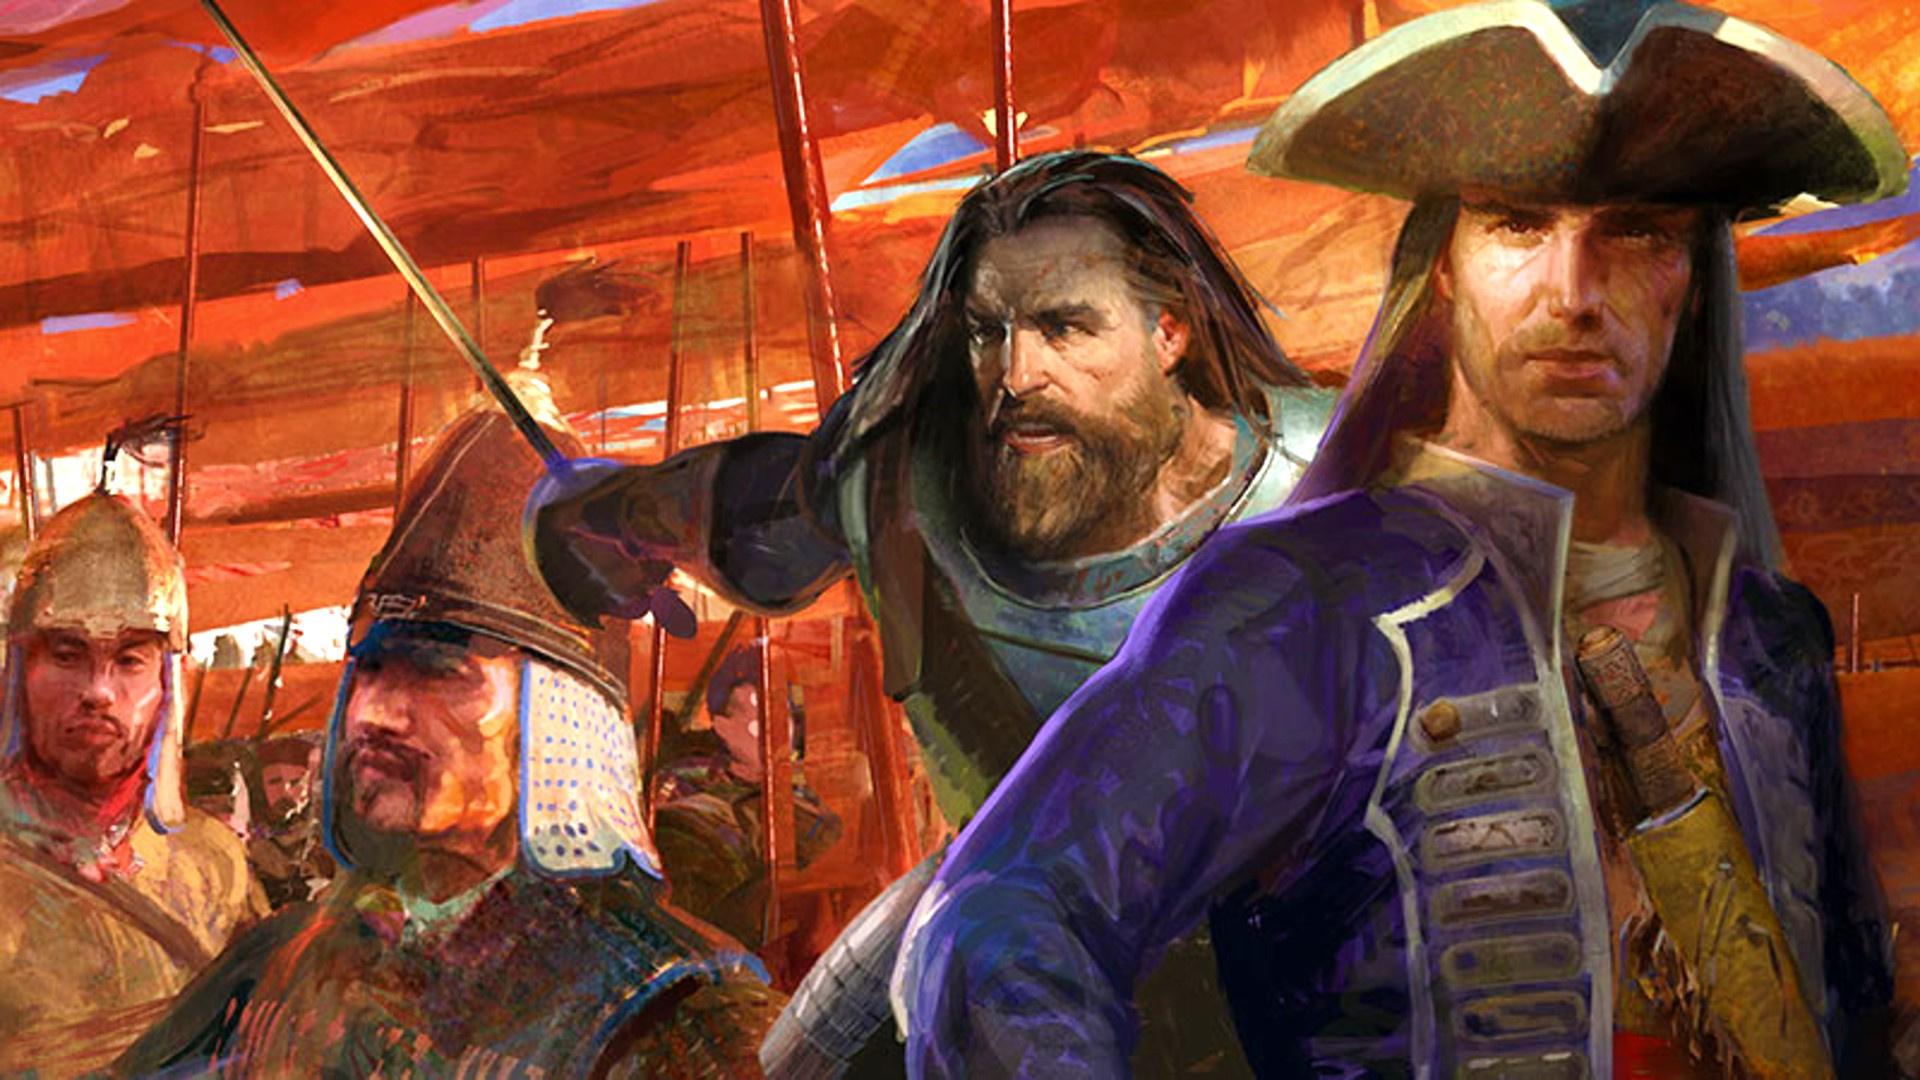 Для ремастера Age of Empires III вышел патч с новыми картами и обновлениями